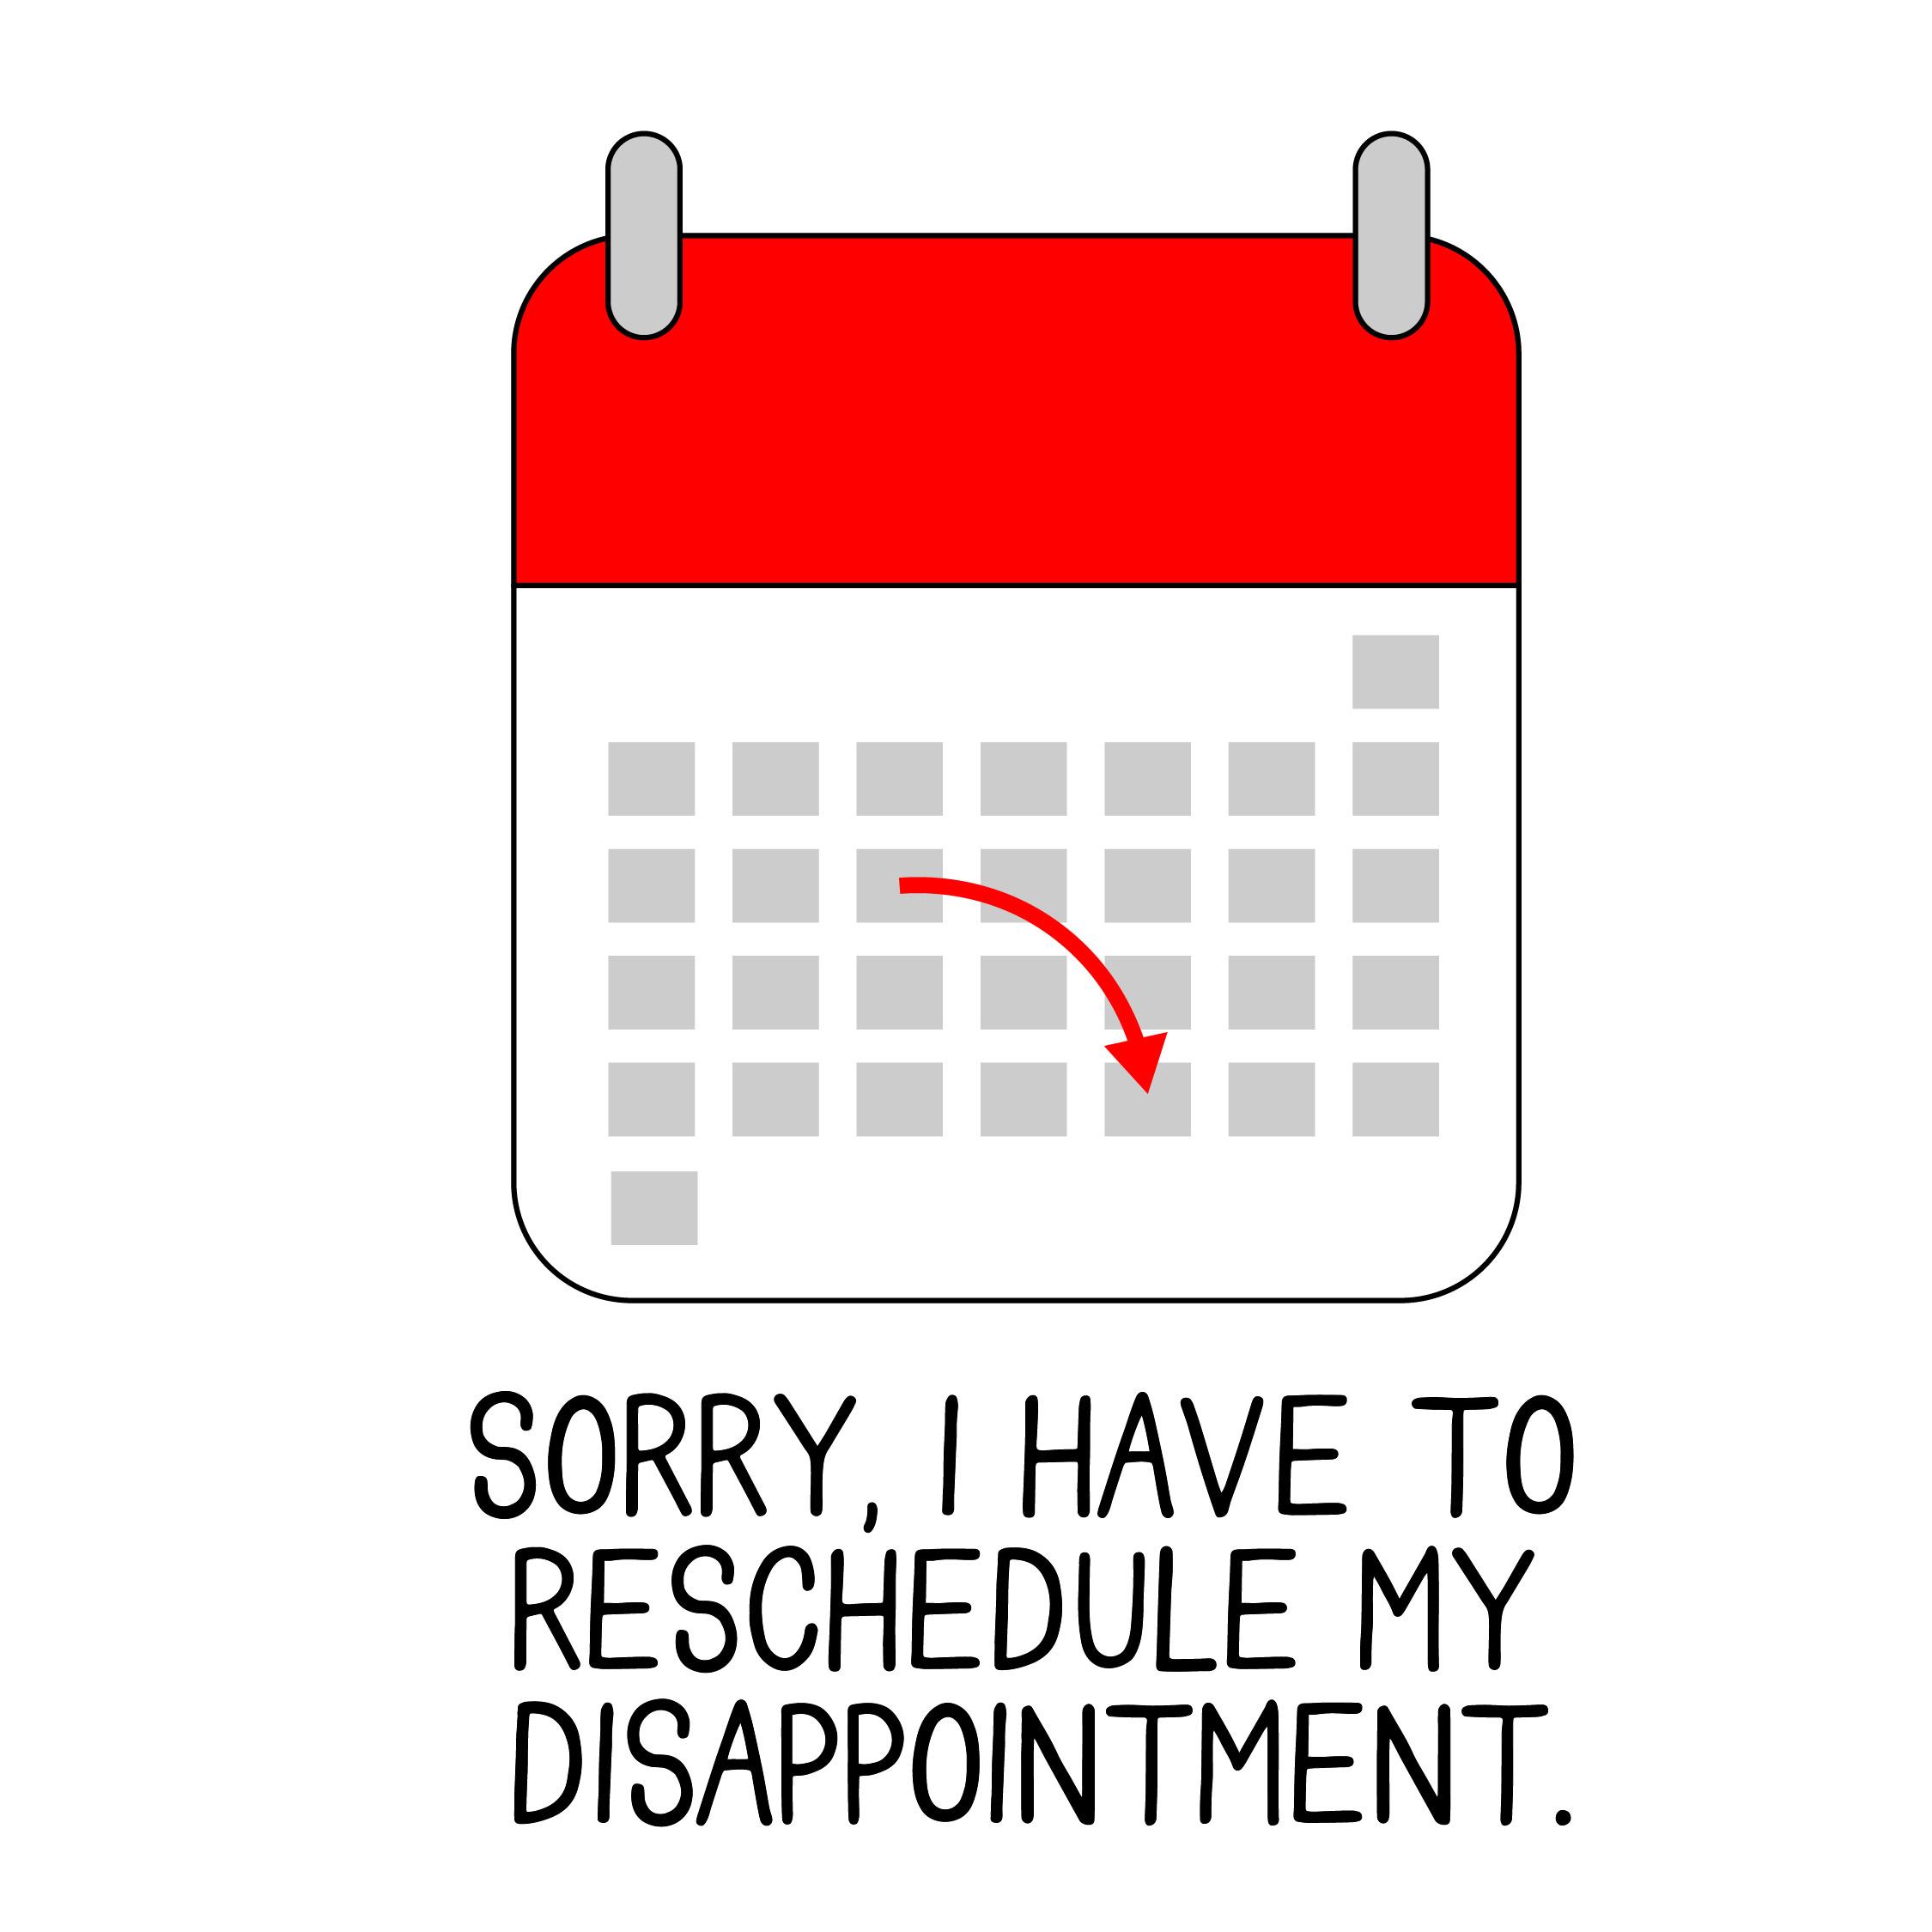 reschedule-01.jpg